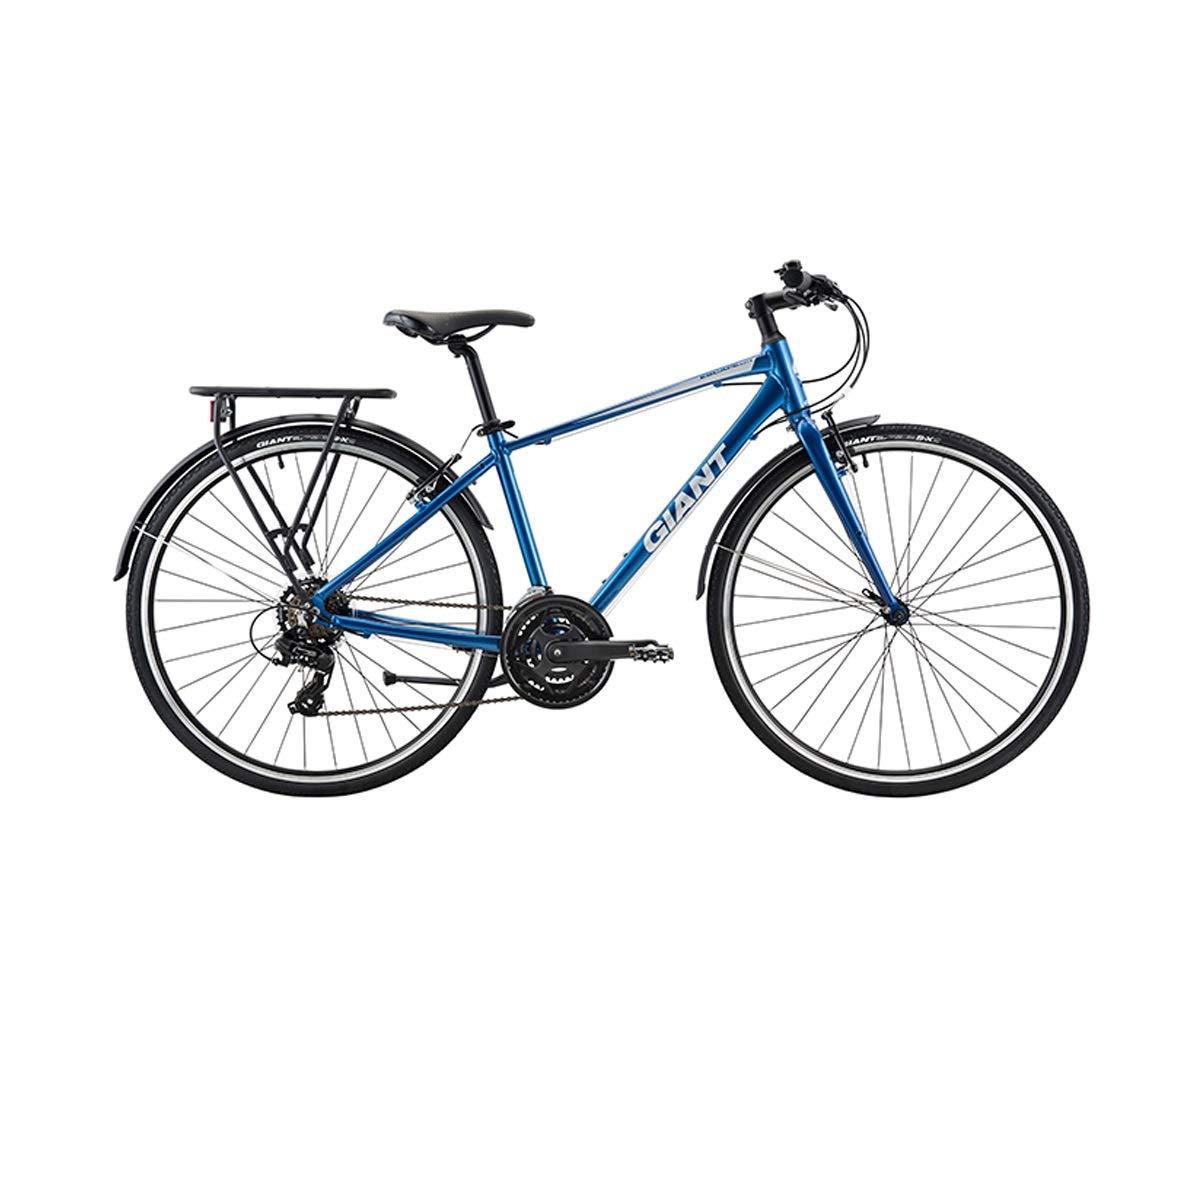 WENPINHUI 都市余暇の通勤用自転車、大人のスピードロードバイク、フラットハンドルの自転車、可変速自転車 - S 青